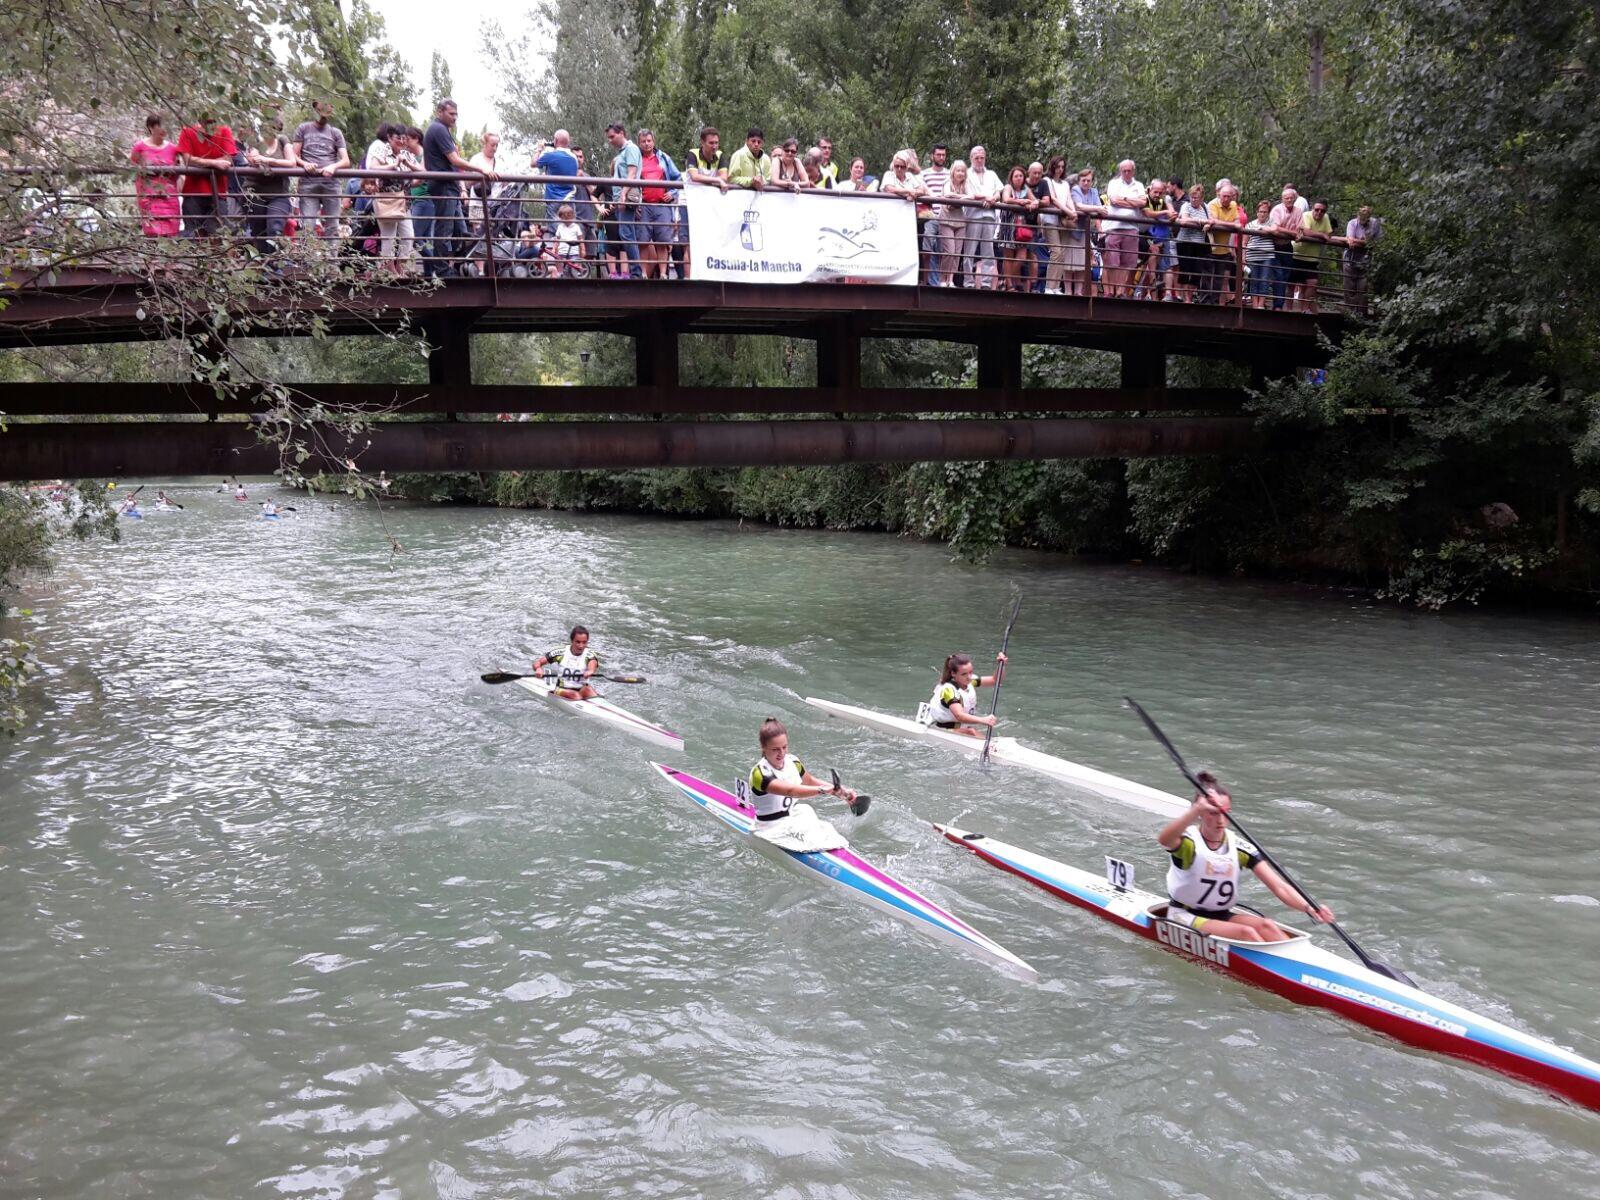 Club Piragüismo Cuenca con Carácter durante la regata Puente a Puente.